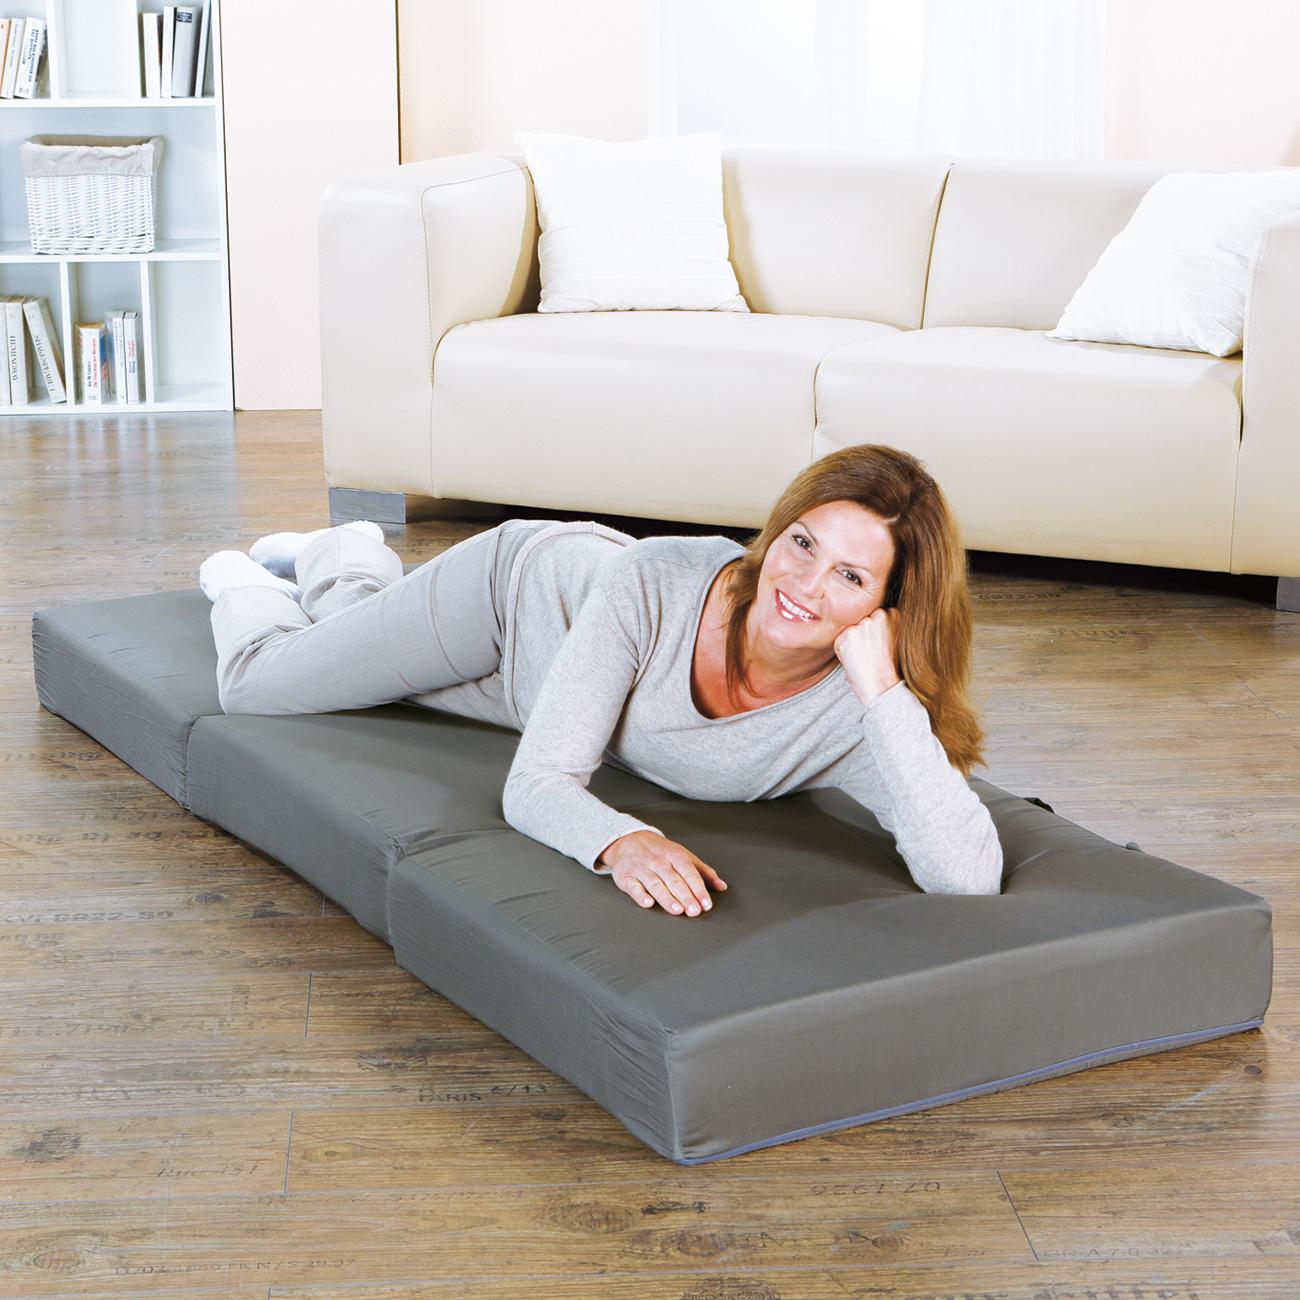 Die perfekte Gästematratze für entspanntes Liegen und komfortablen Schlaf.